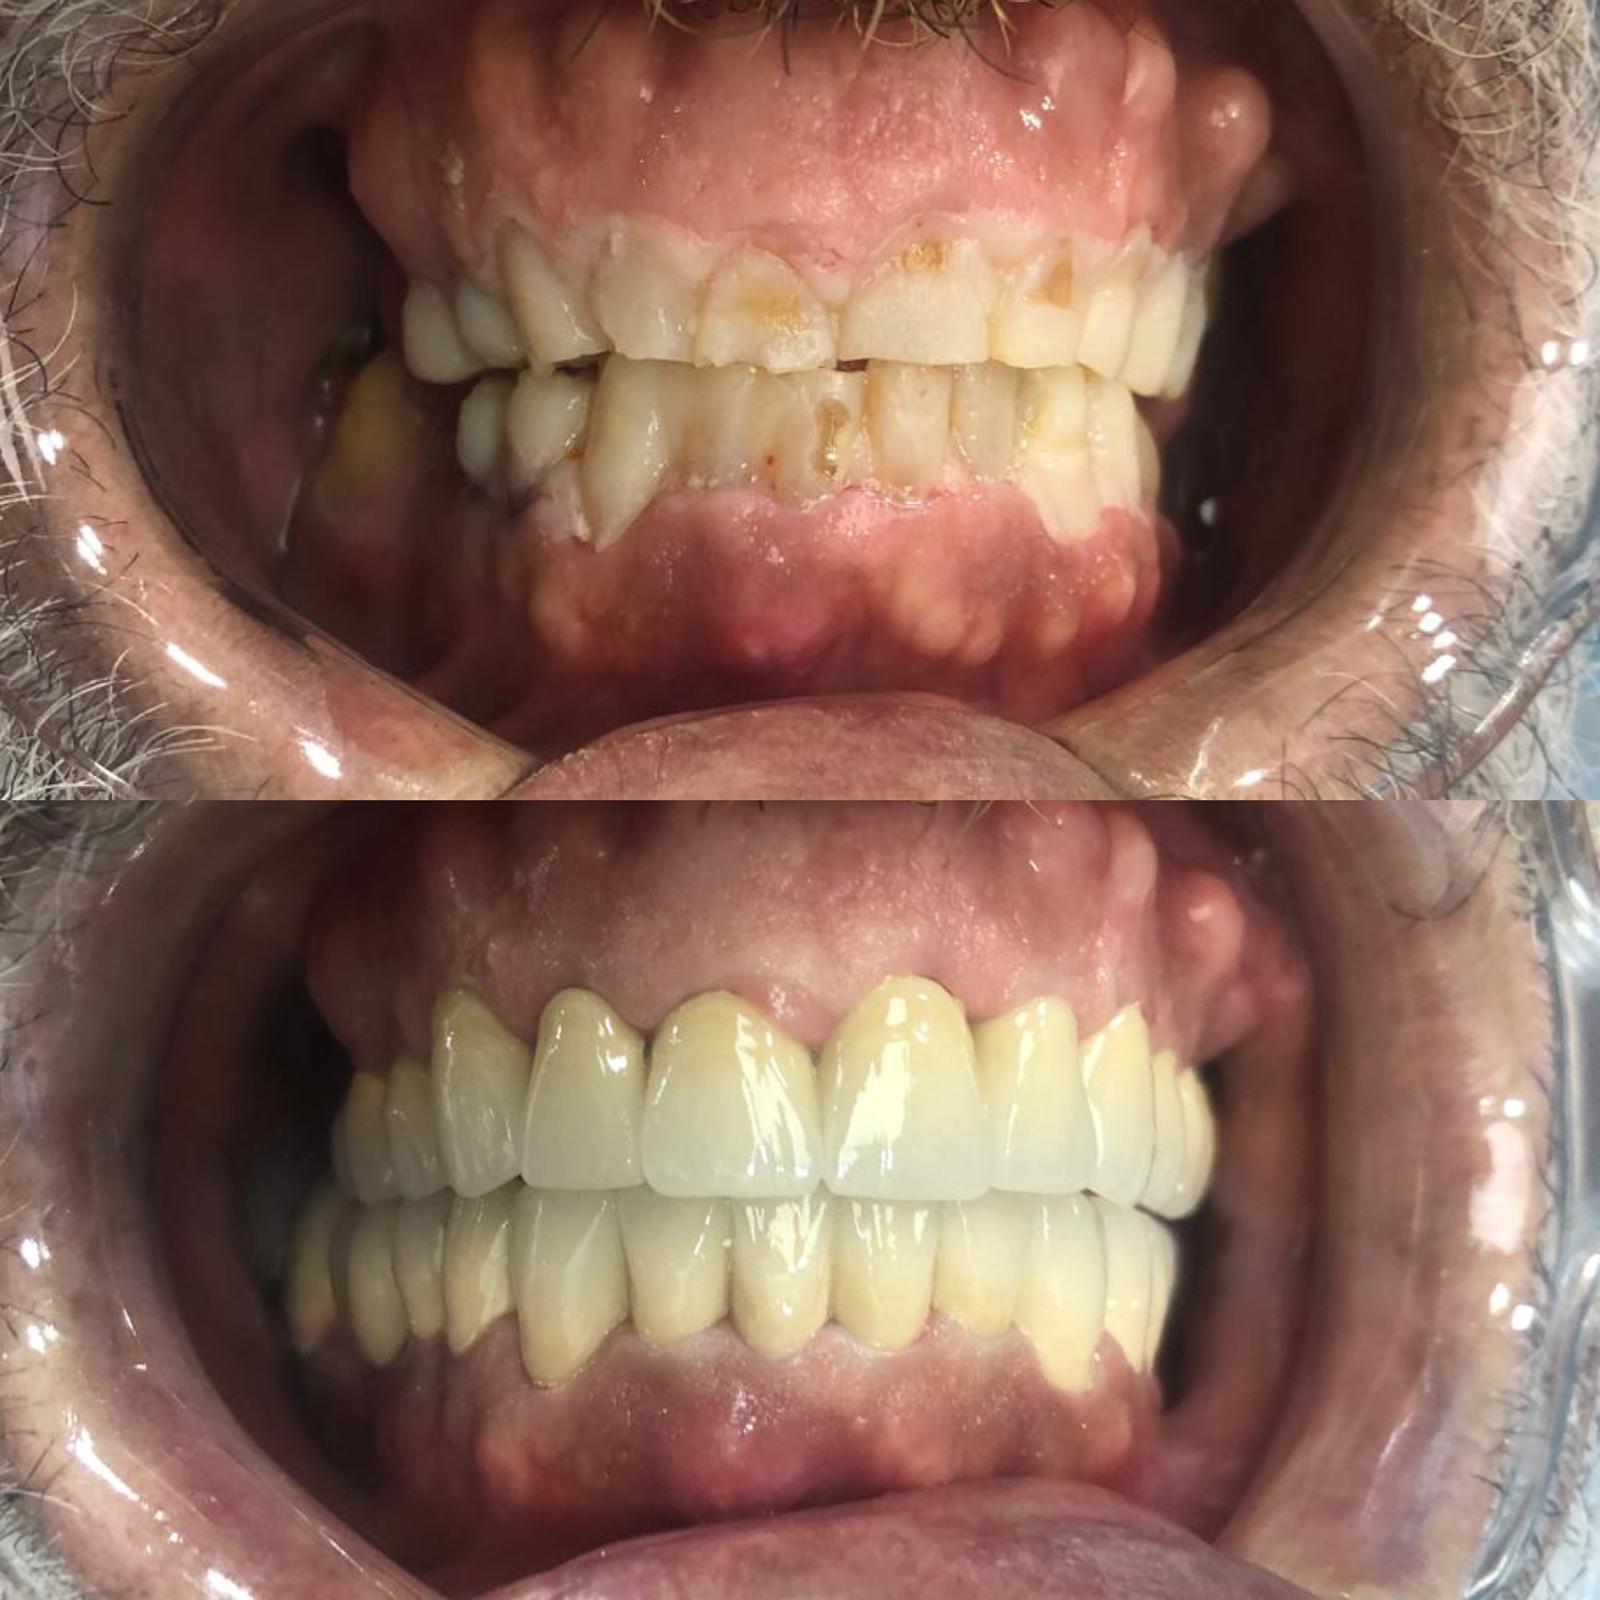 başakşehir porselen diş tedavileri